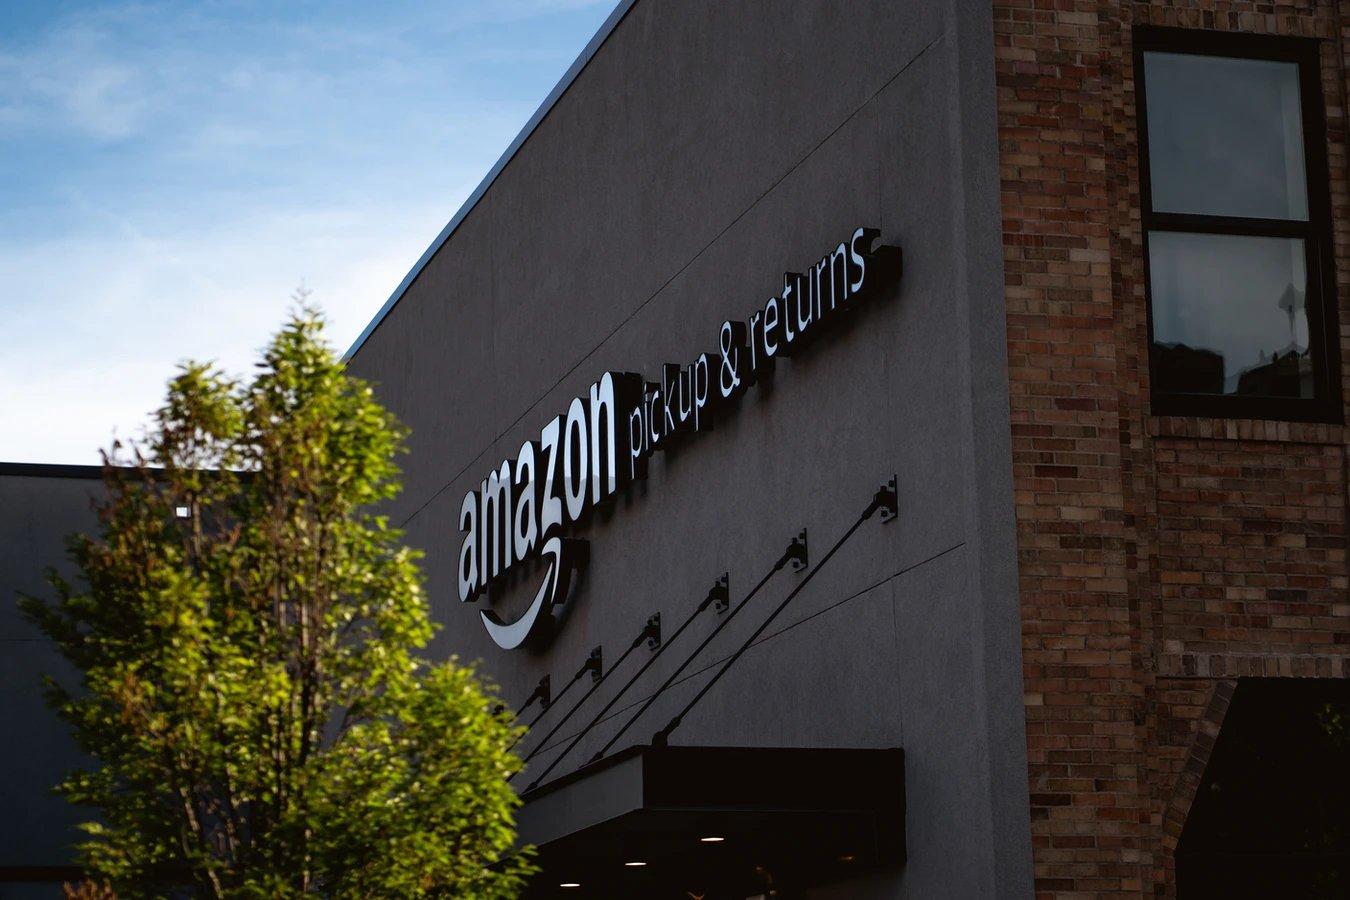 Amazon armazém